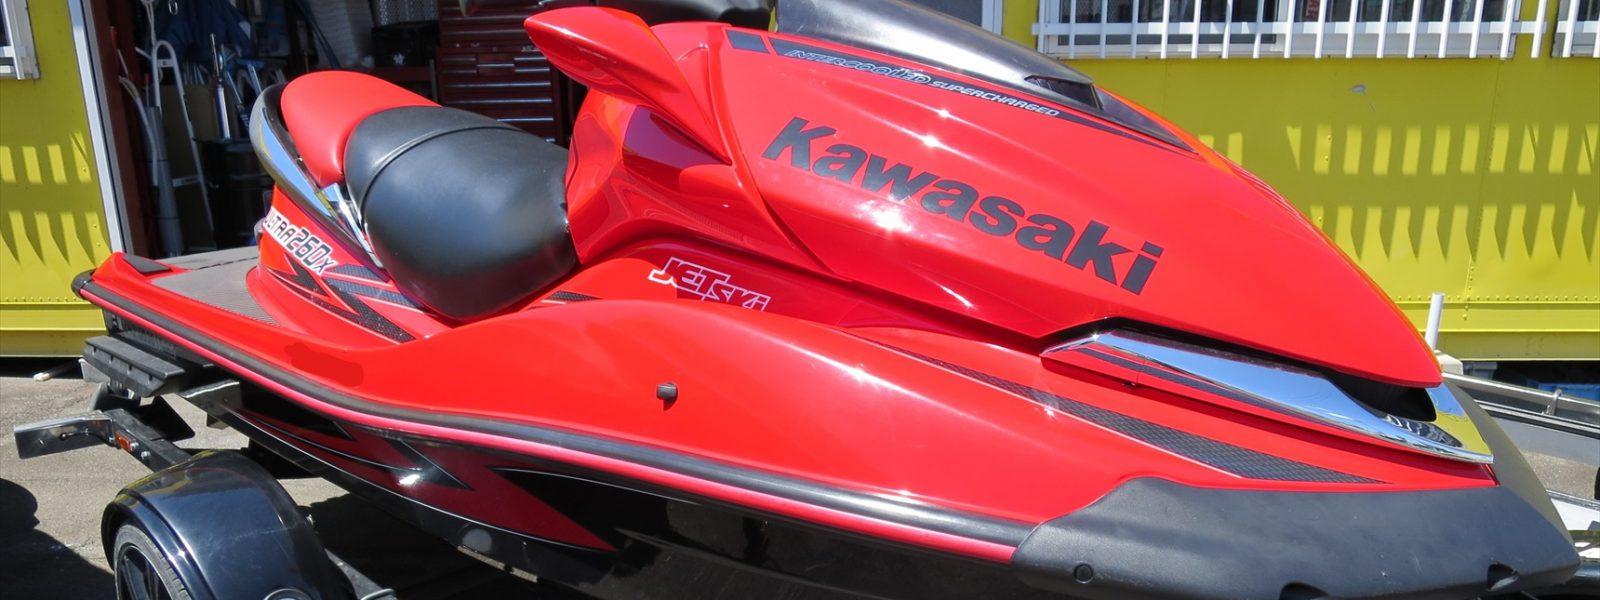 KawasakiジェットスキーULTRA260Xスーパーチャージャー修理など!